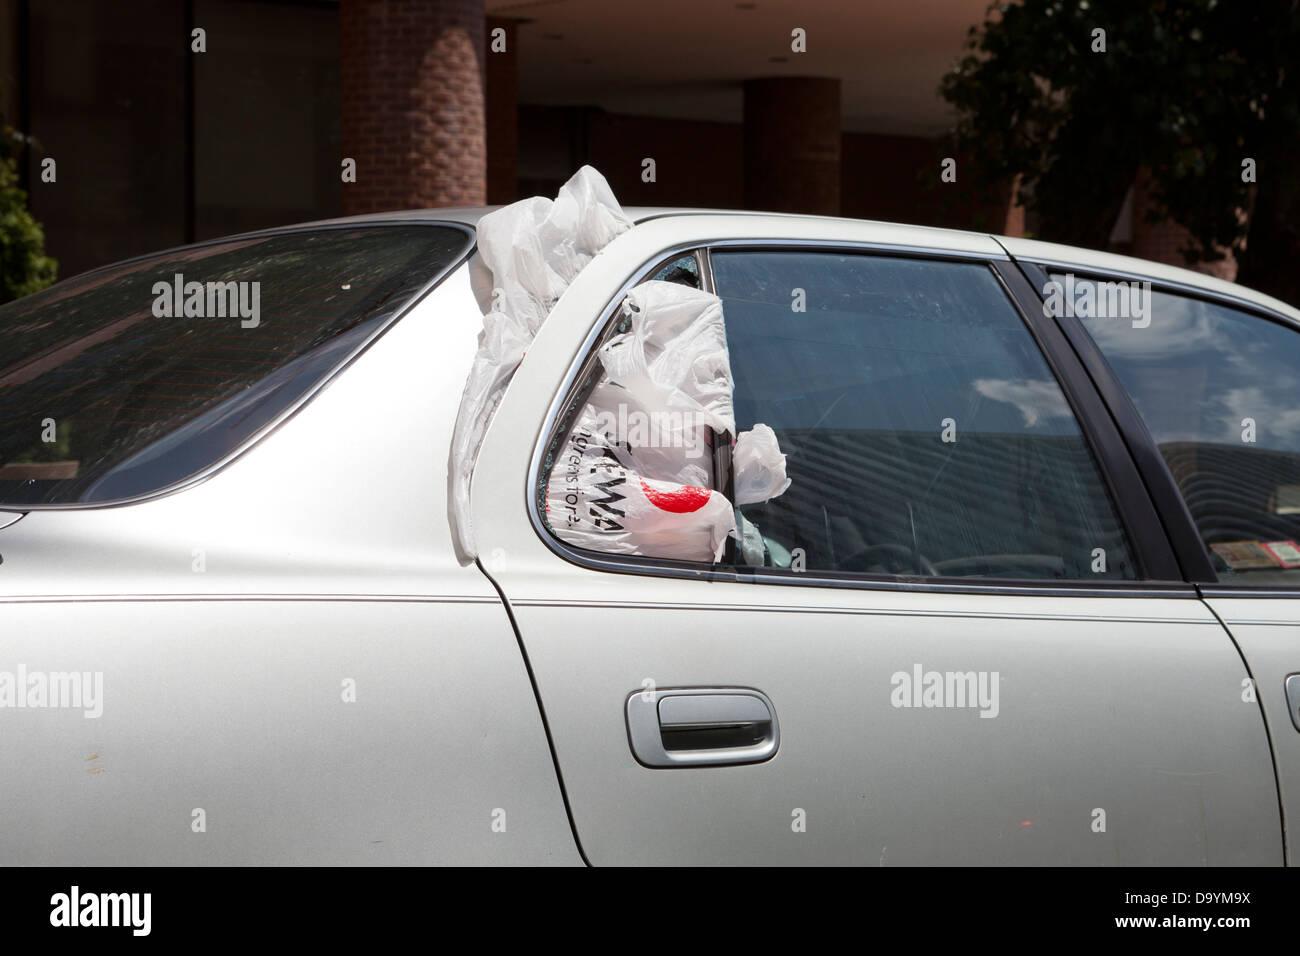 La fenêtre arrière cassée d'une voiture - USA Photo Stock